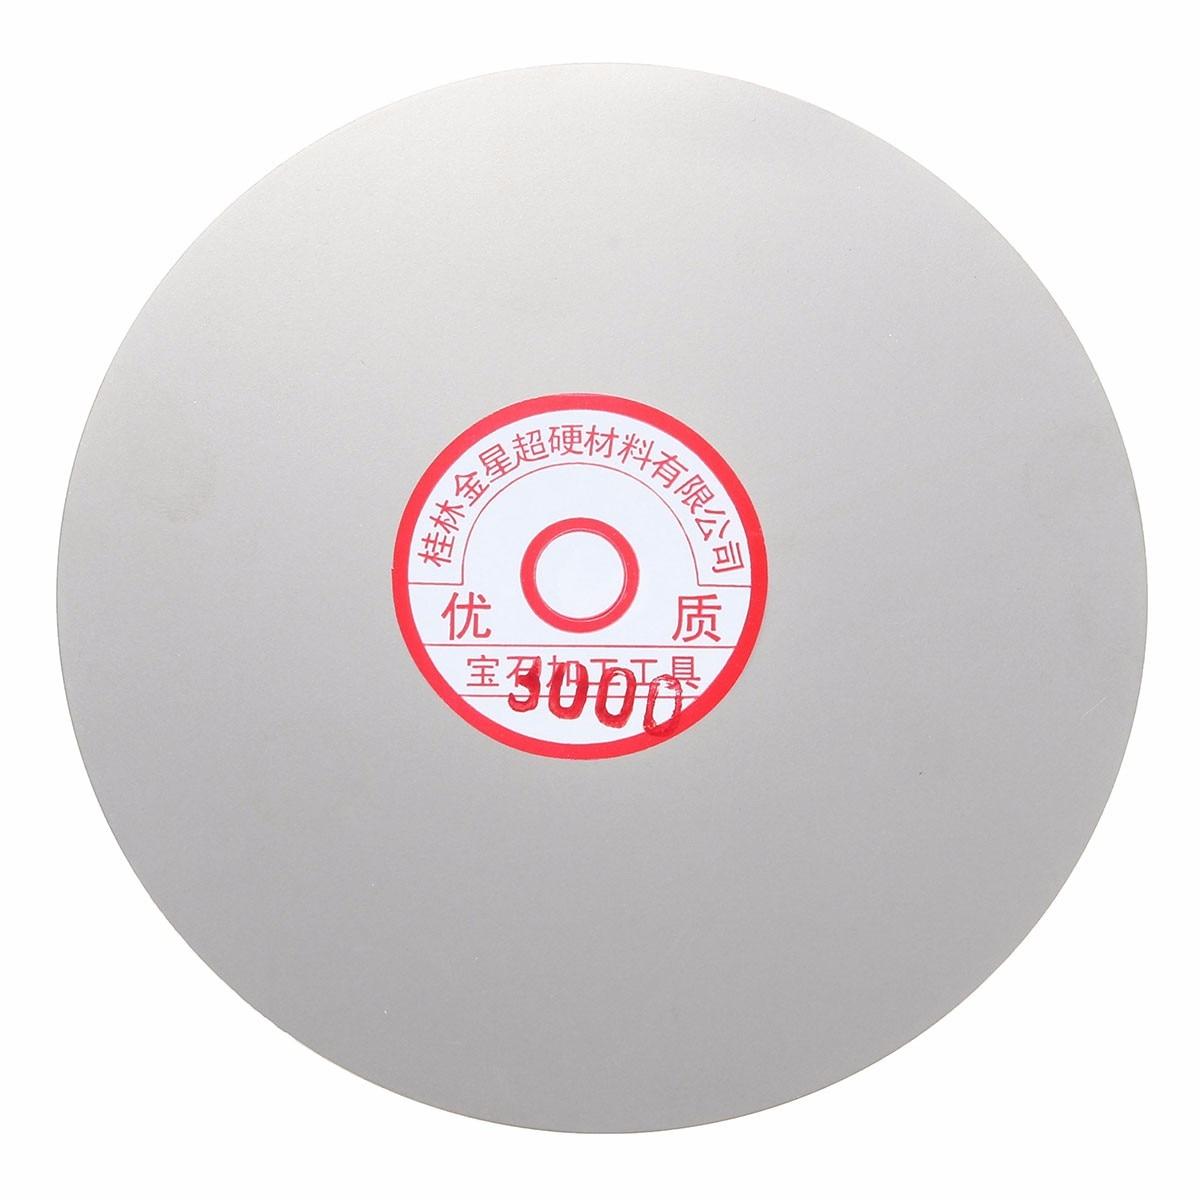 3 шт. набор шлифовальных дисков 6 600 1500 3000 зернистость с алмазным покрытием плоский круг для ювелирных изделий стекло рок диски с алмазным по...